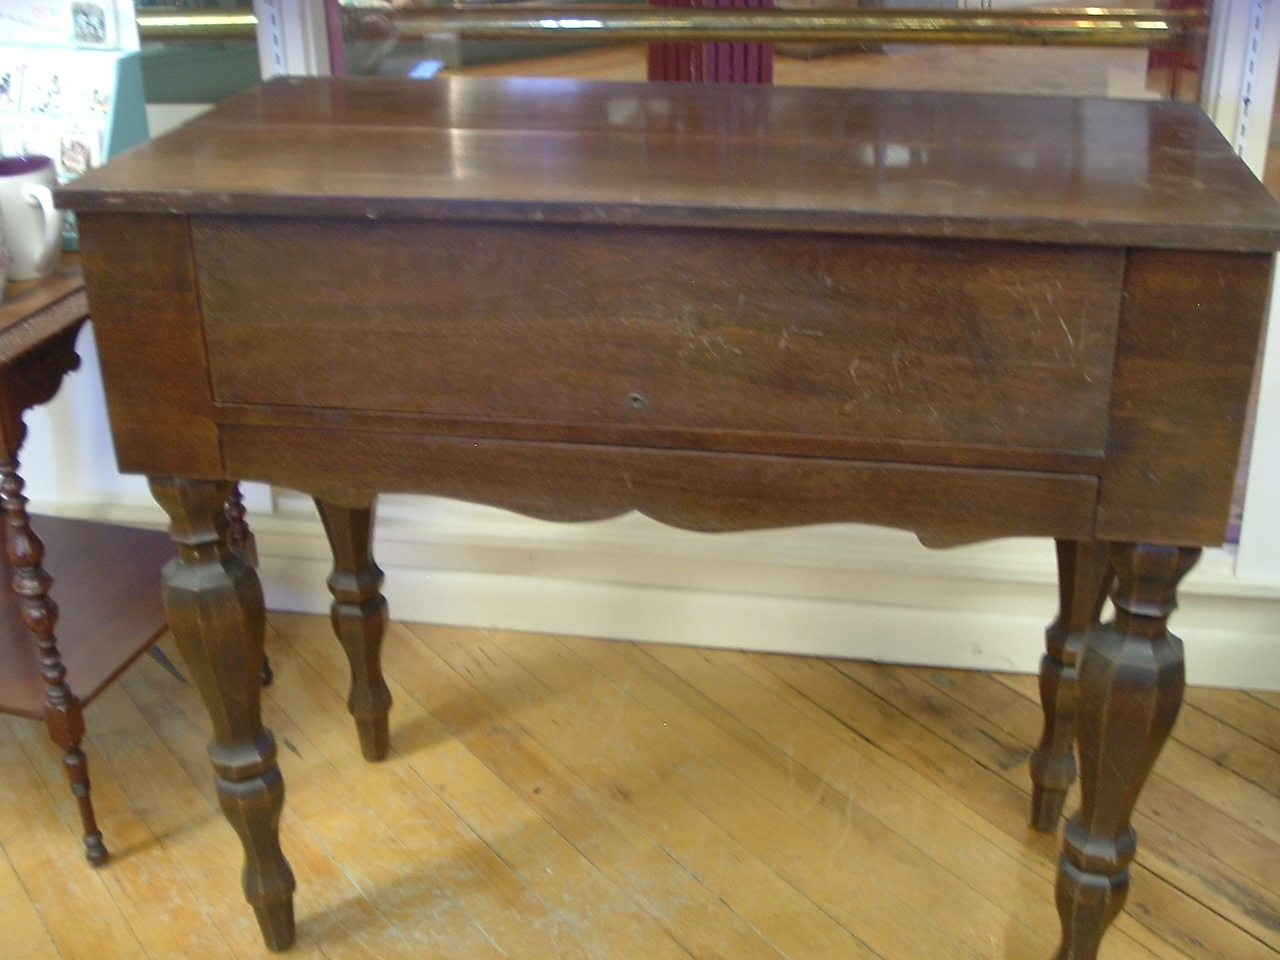 Antique spinet writing desk Sydney - Filing Cabinet: Antique Spinet Writing  Desk - Antique Spinet - Antique Spinet Desk Antique Furniture